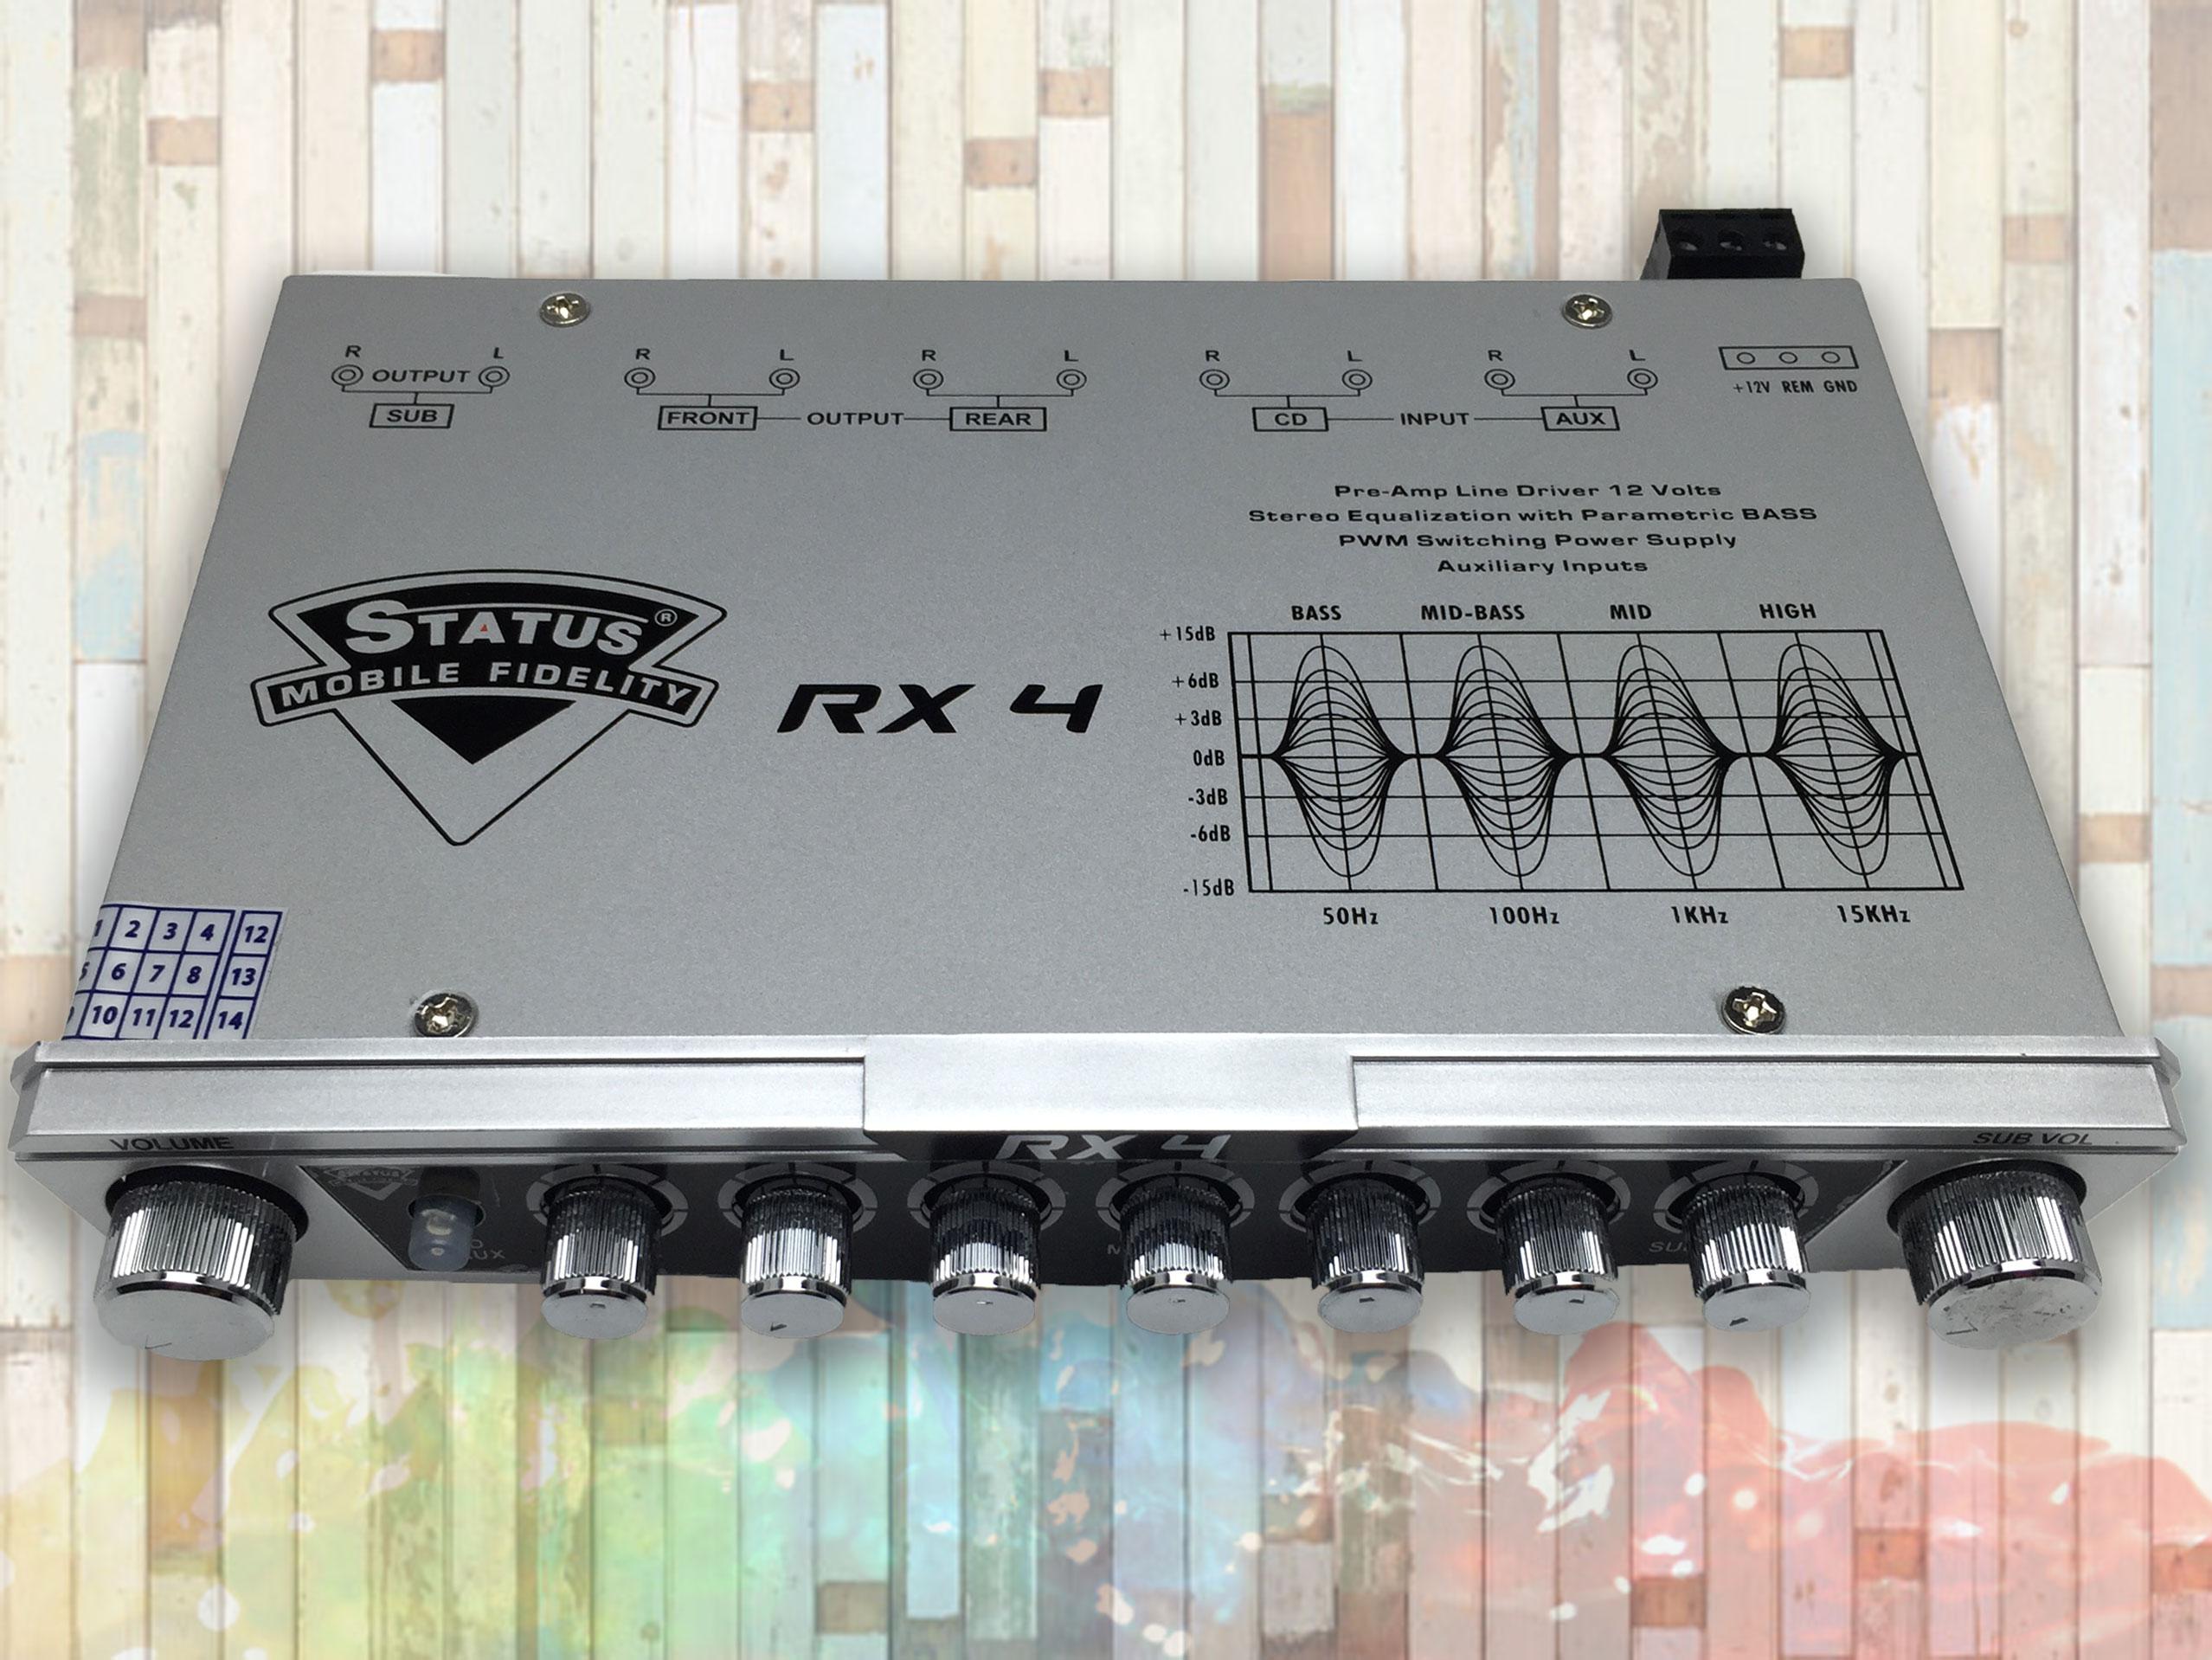 ปรีแอมป์ Status RX4 พร้อมส่ง